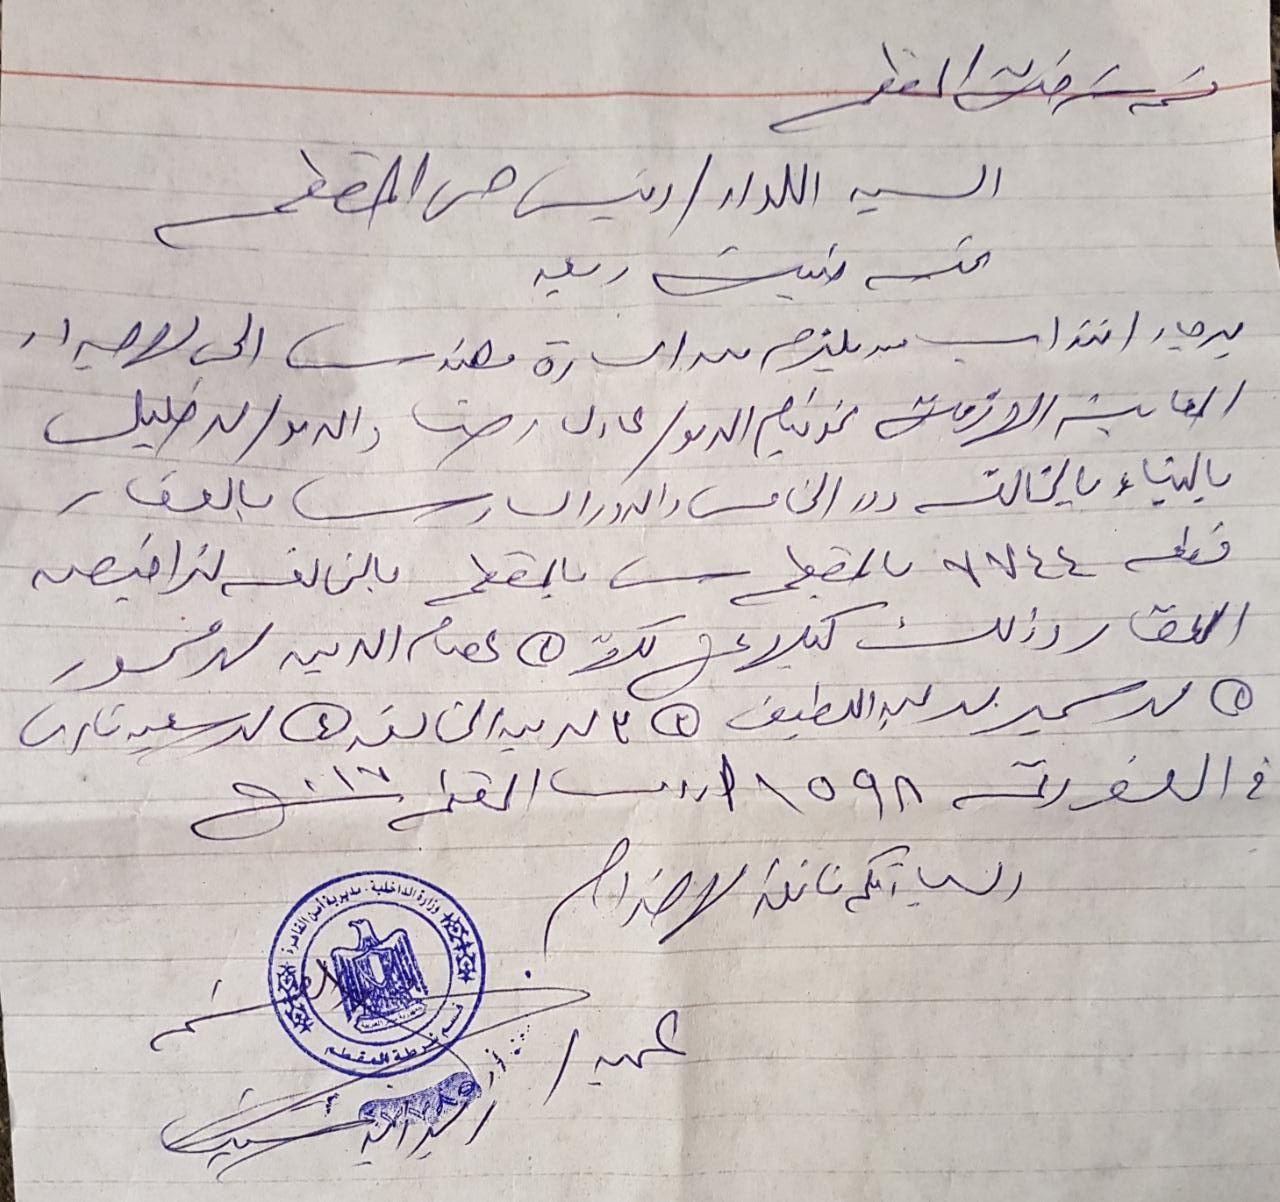 سكان عقار بالمقطم يستغيثون بسبب بناء طابقين مخالفين يهددان سلامة المبنى | اخبار المقطم